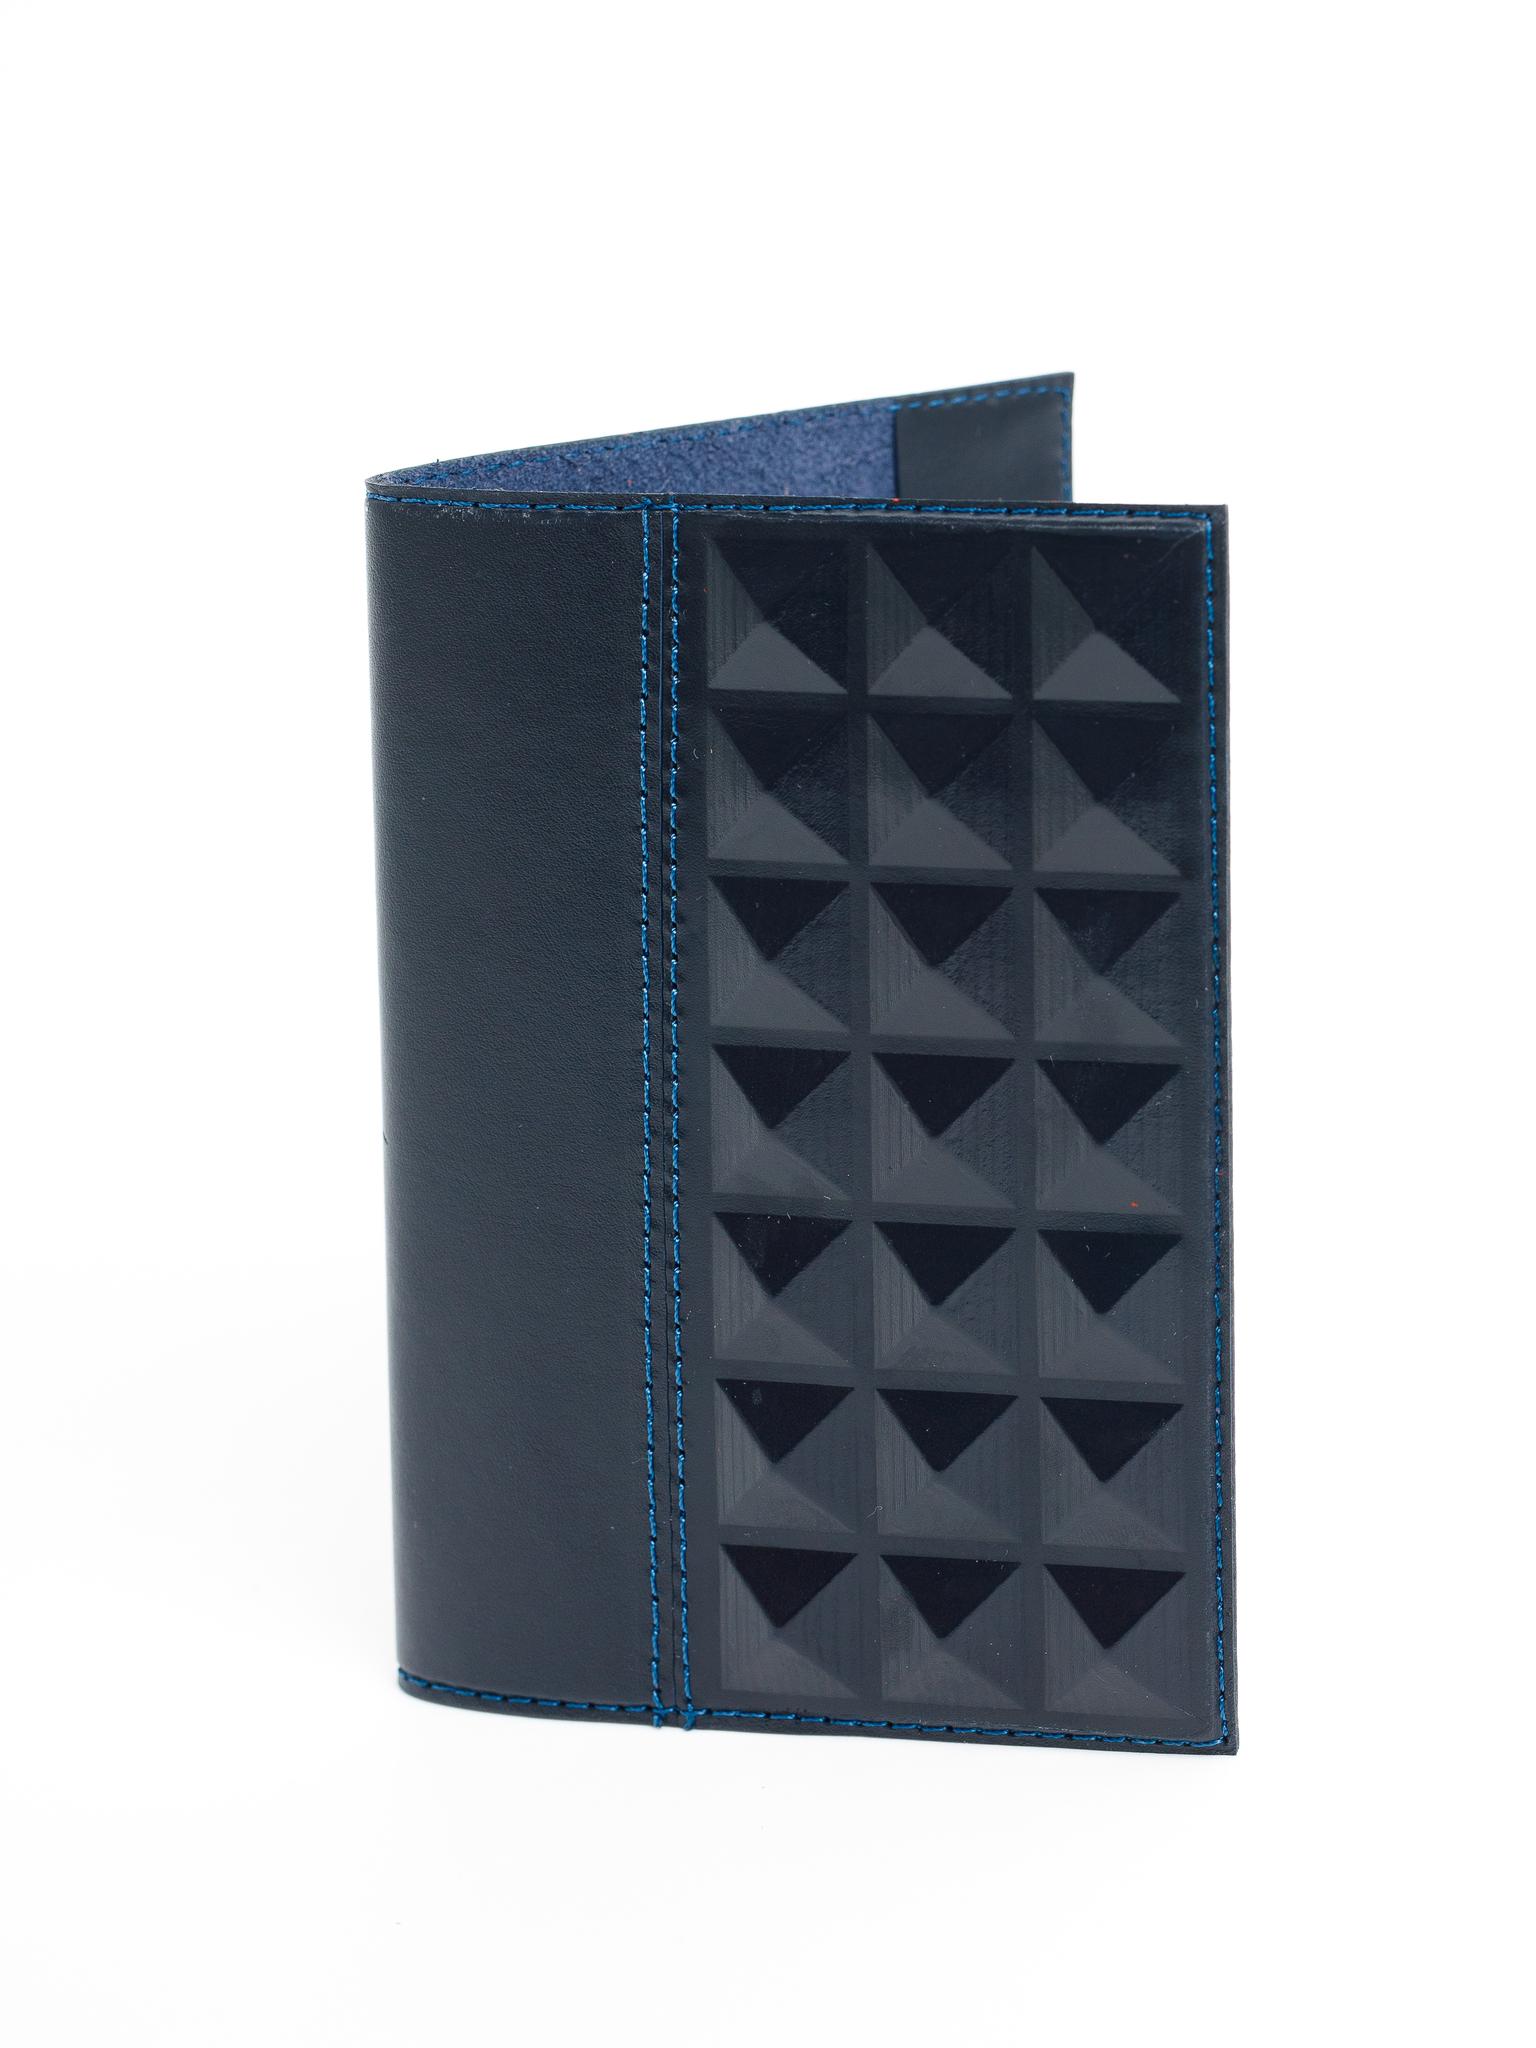 Обложка на паспорт | Геометрия | Синий